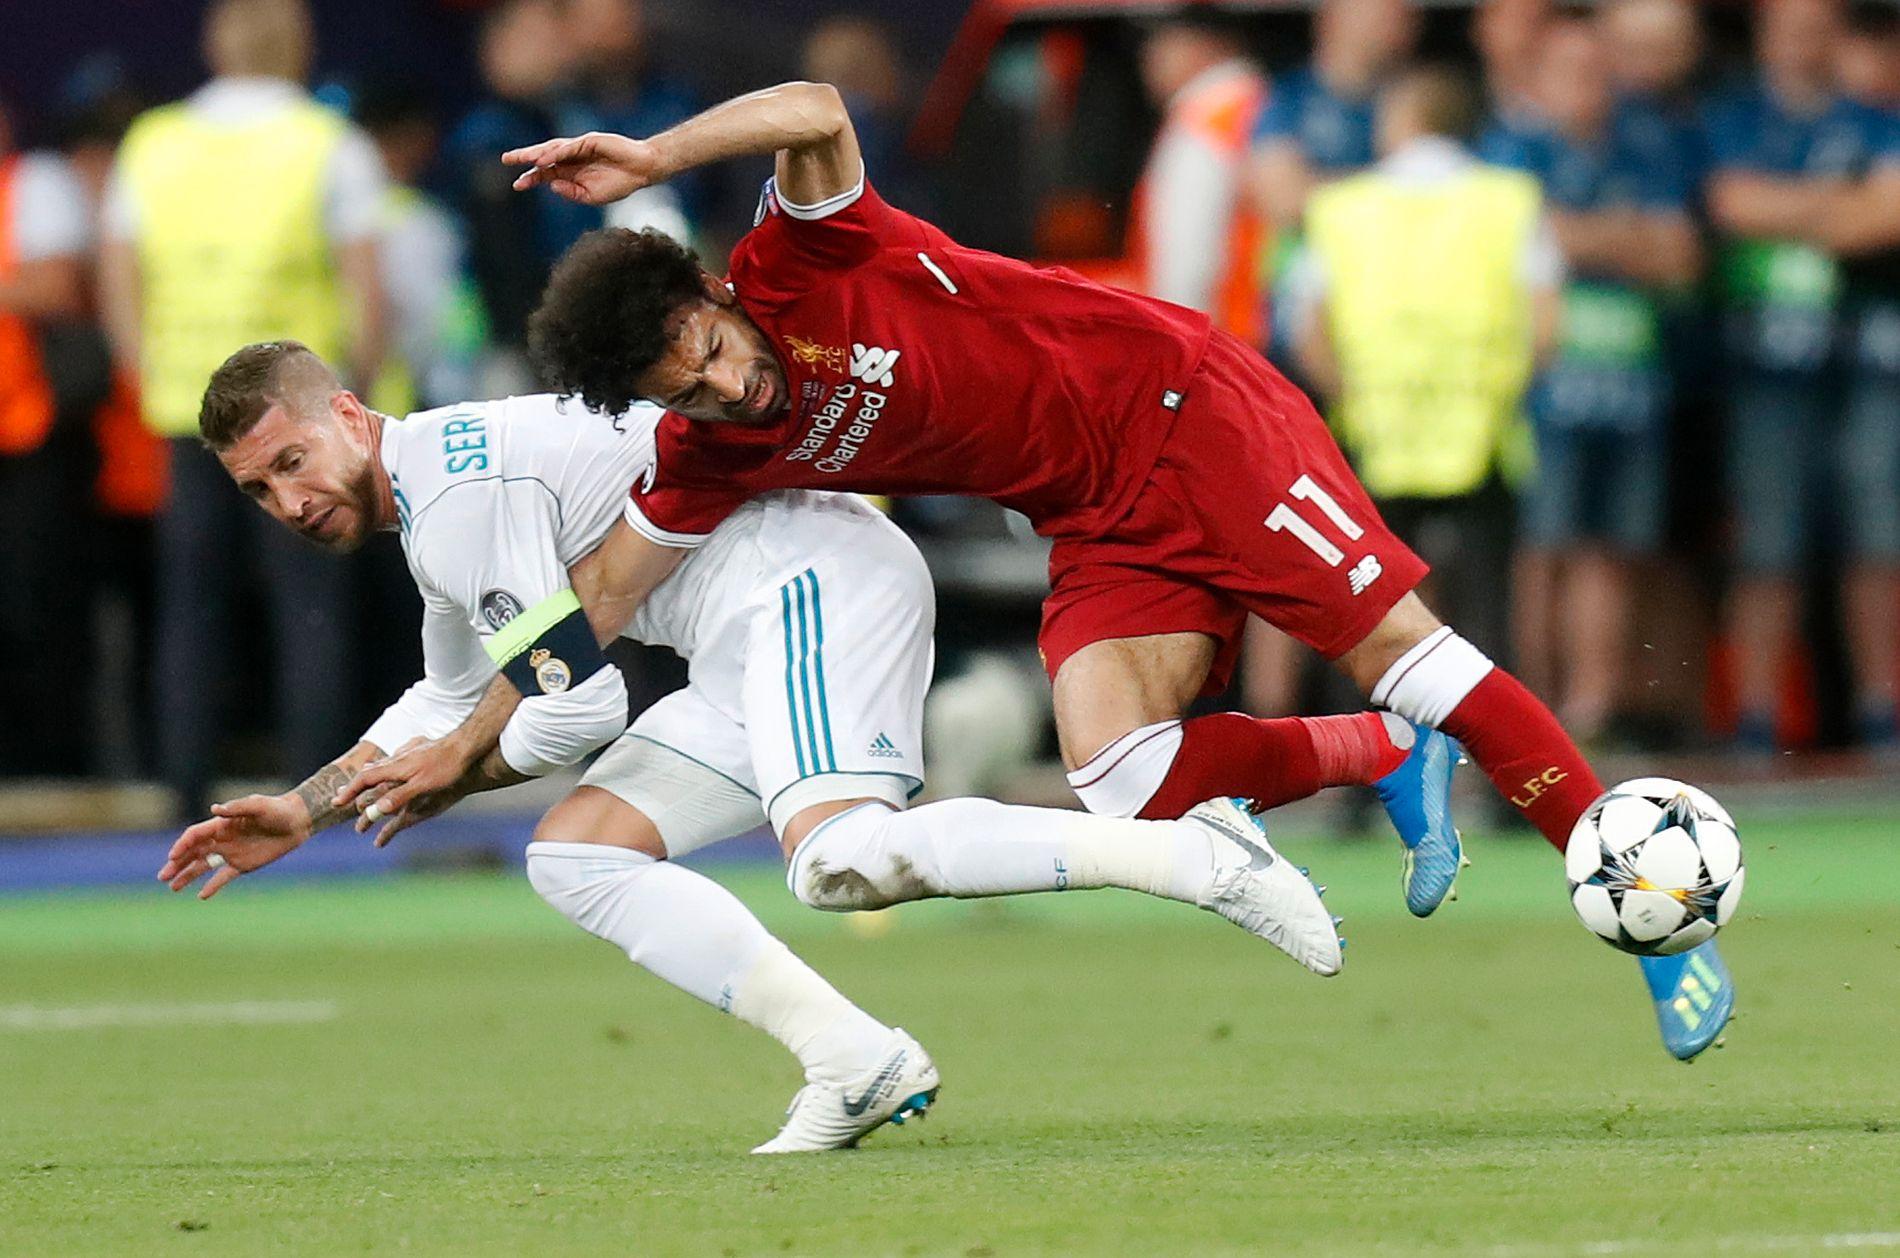 SKADET SEG: Mohamed Salah (høyre) dras i bakken av Sergio Ramos under Champions League-finalen i mai.